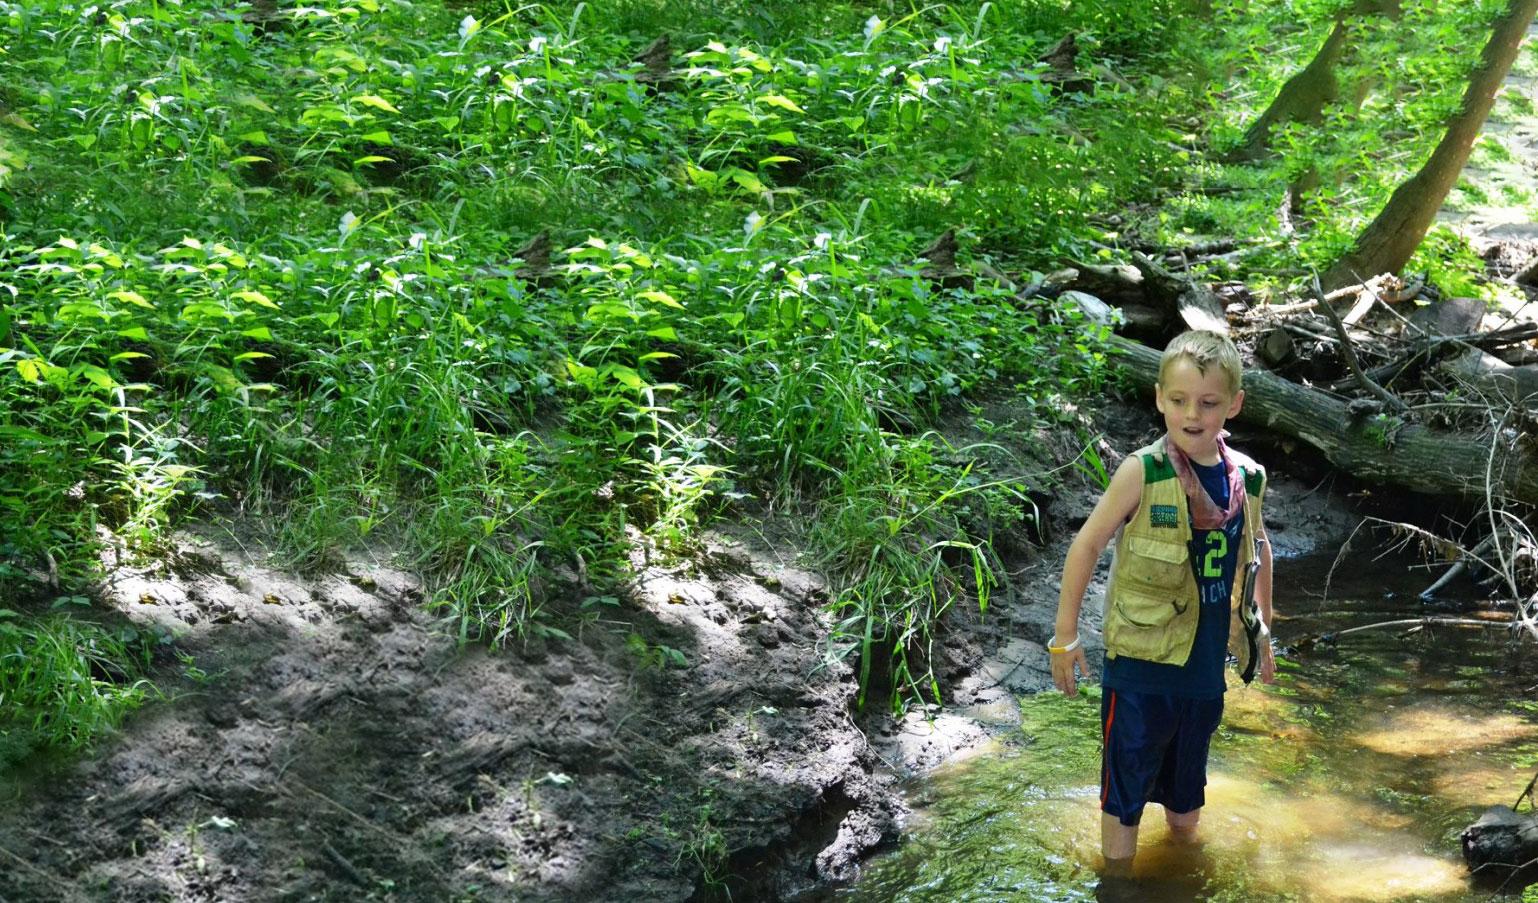 Boy in Creek